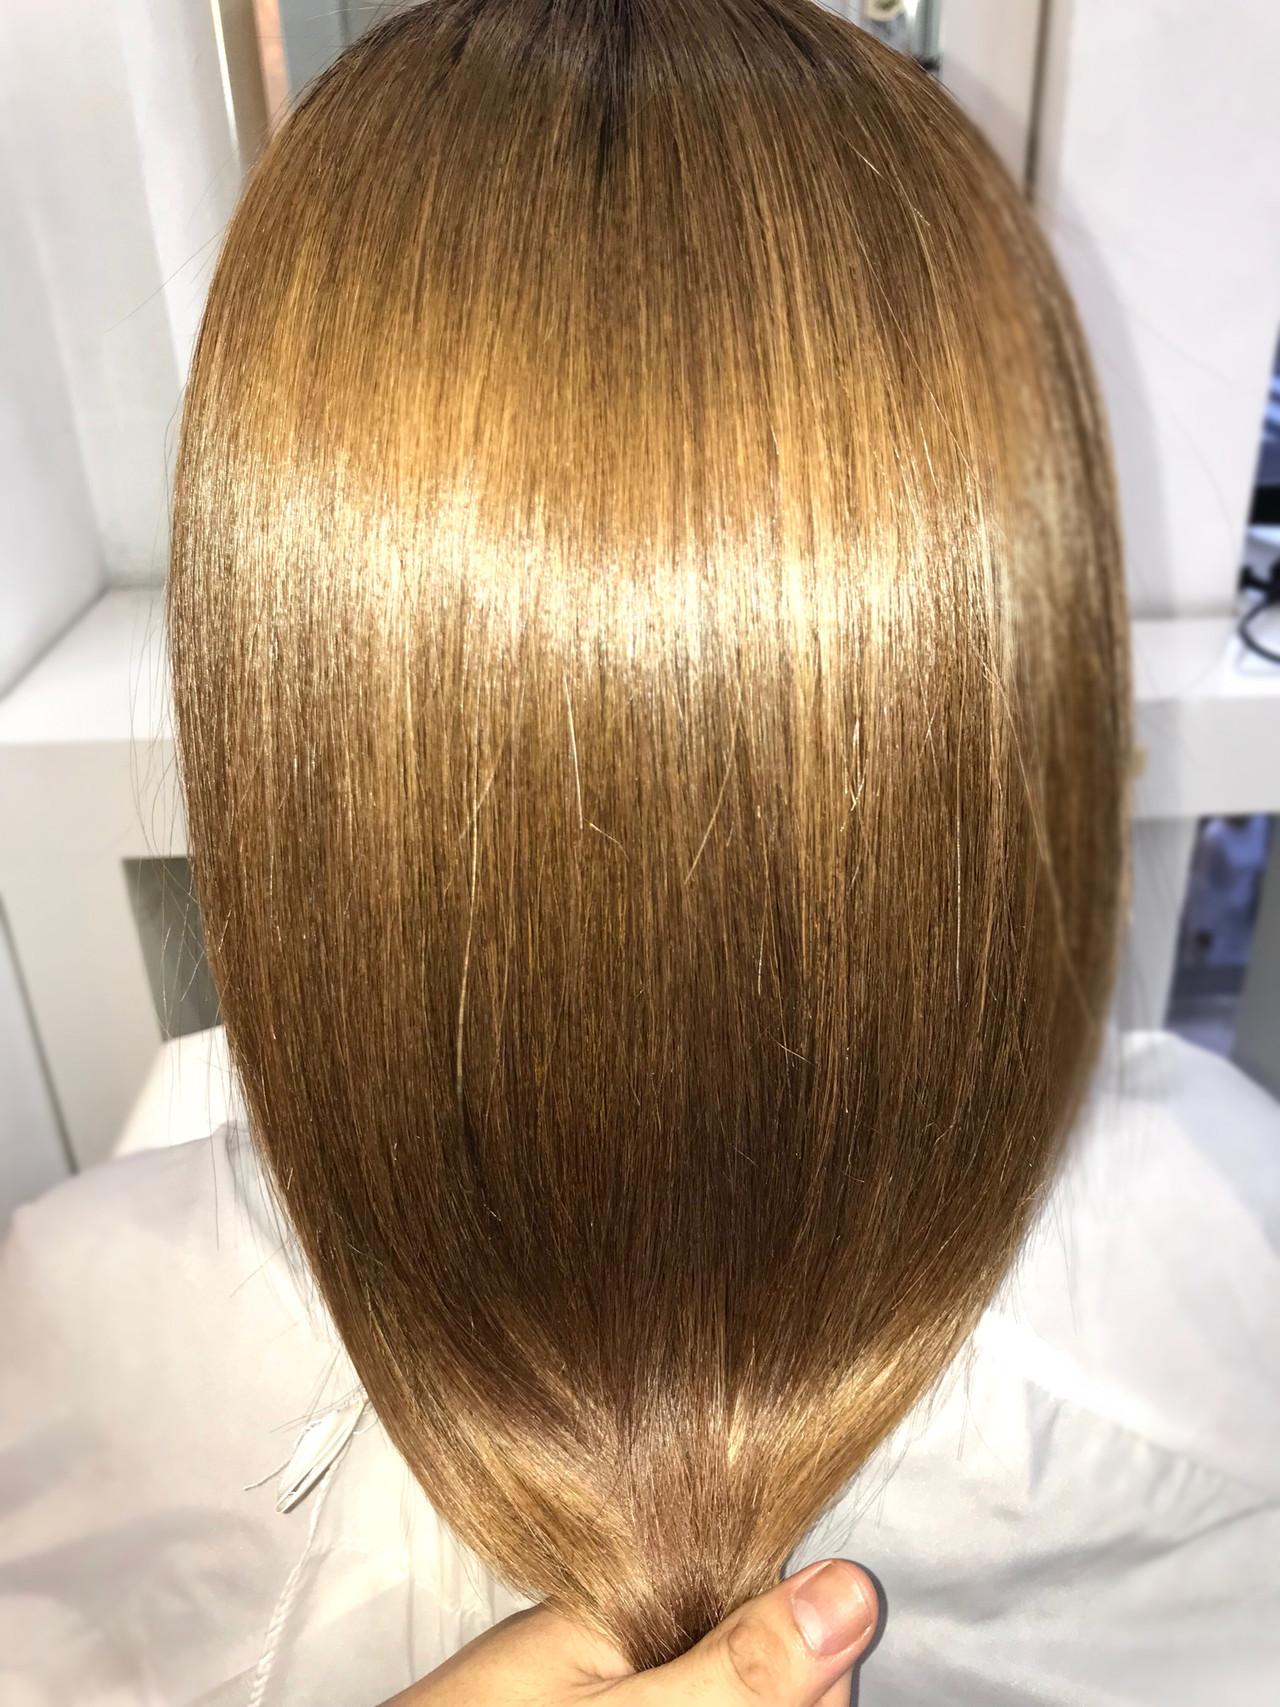 セミロング 美髪 ナチュラル ツヤ髪 ヘアスタイルや髪型の写真・画像 | 大西 正海 / seasons by  marbles